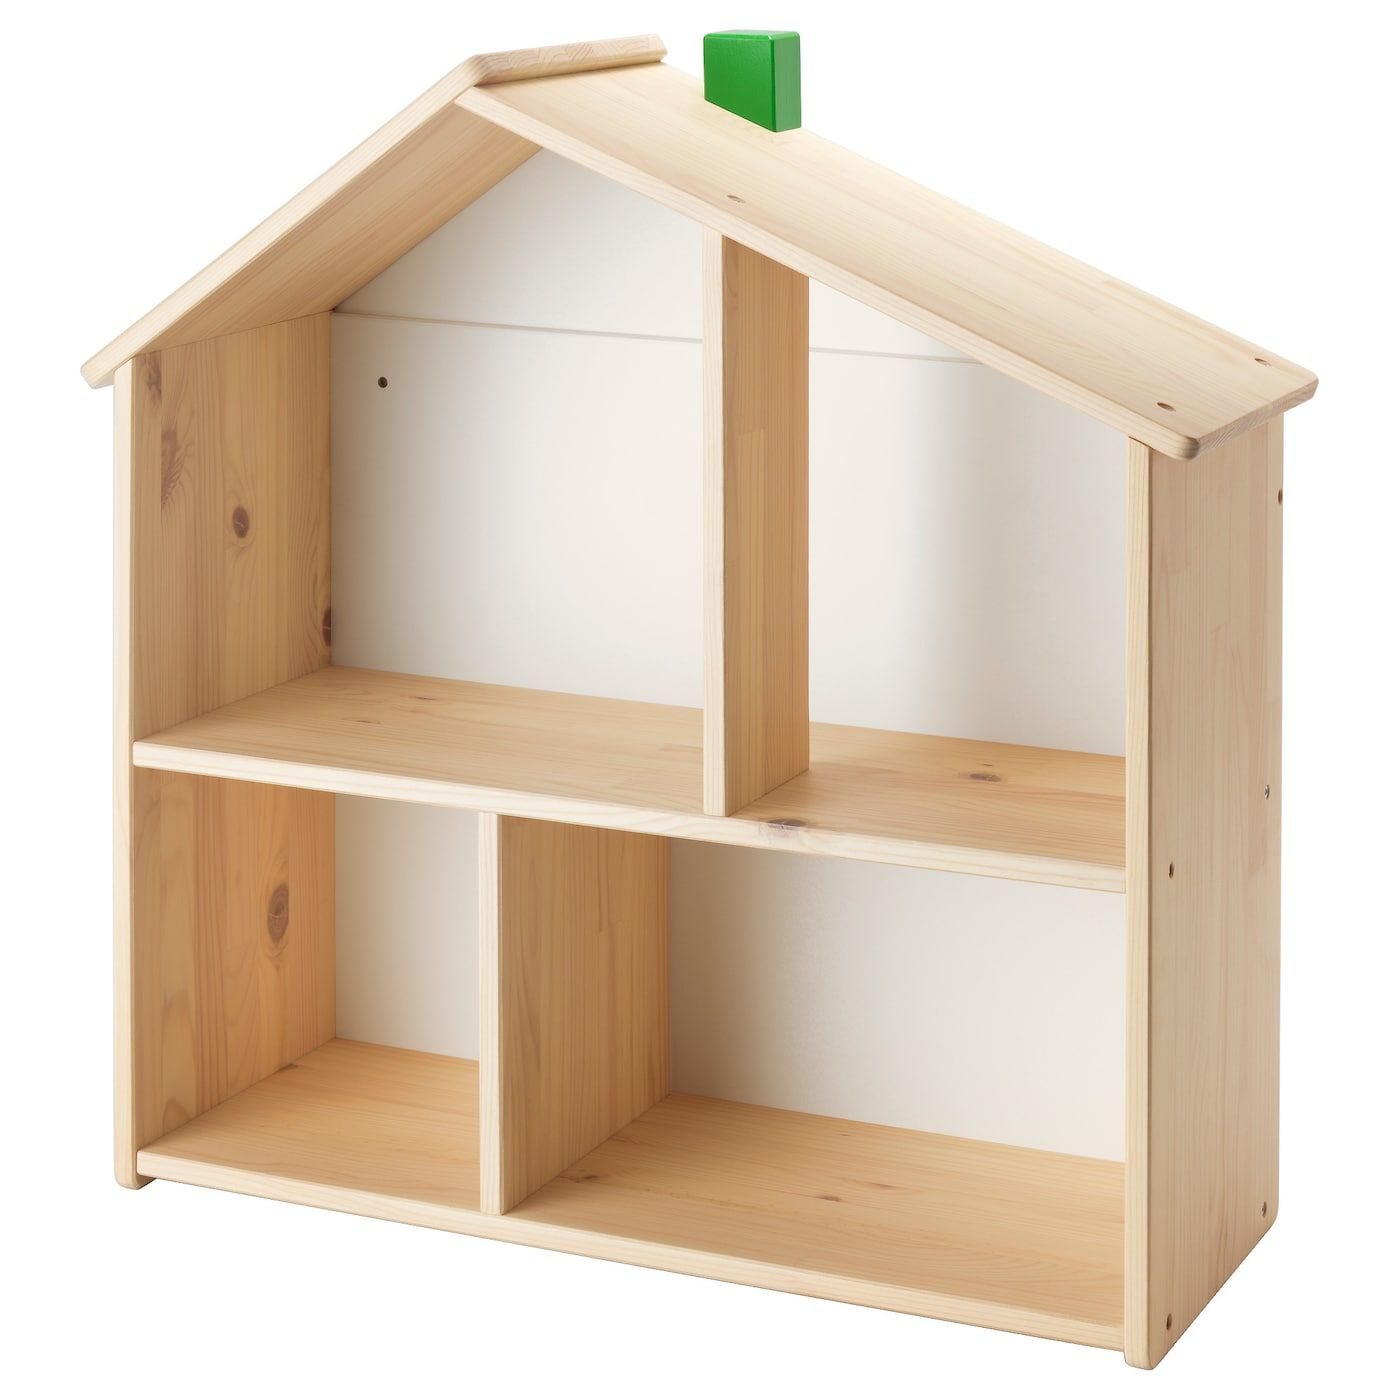 Full Size of Ikea Wandregale Flisat Puppenhaus Wandregal Sterreich Miniküche Modulküche Küche Kosten Sofa Mit Schlaffunktion Kaufen Betten 160x200 Bei Wohnzimmer Ikea Wandregale